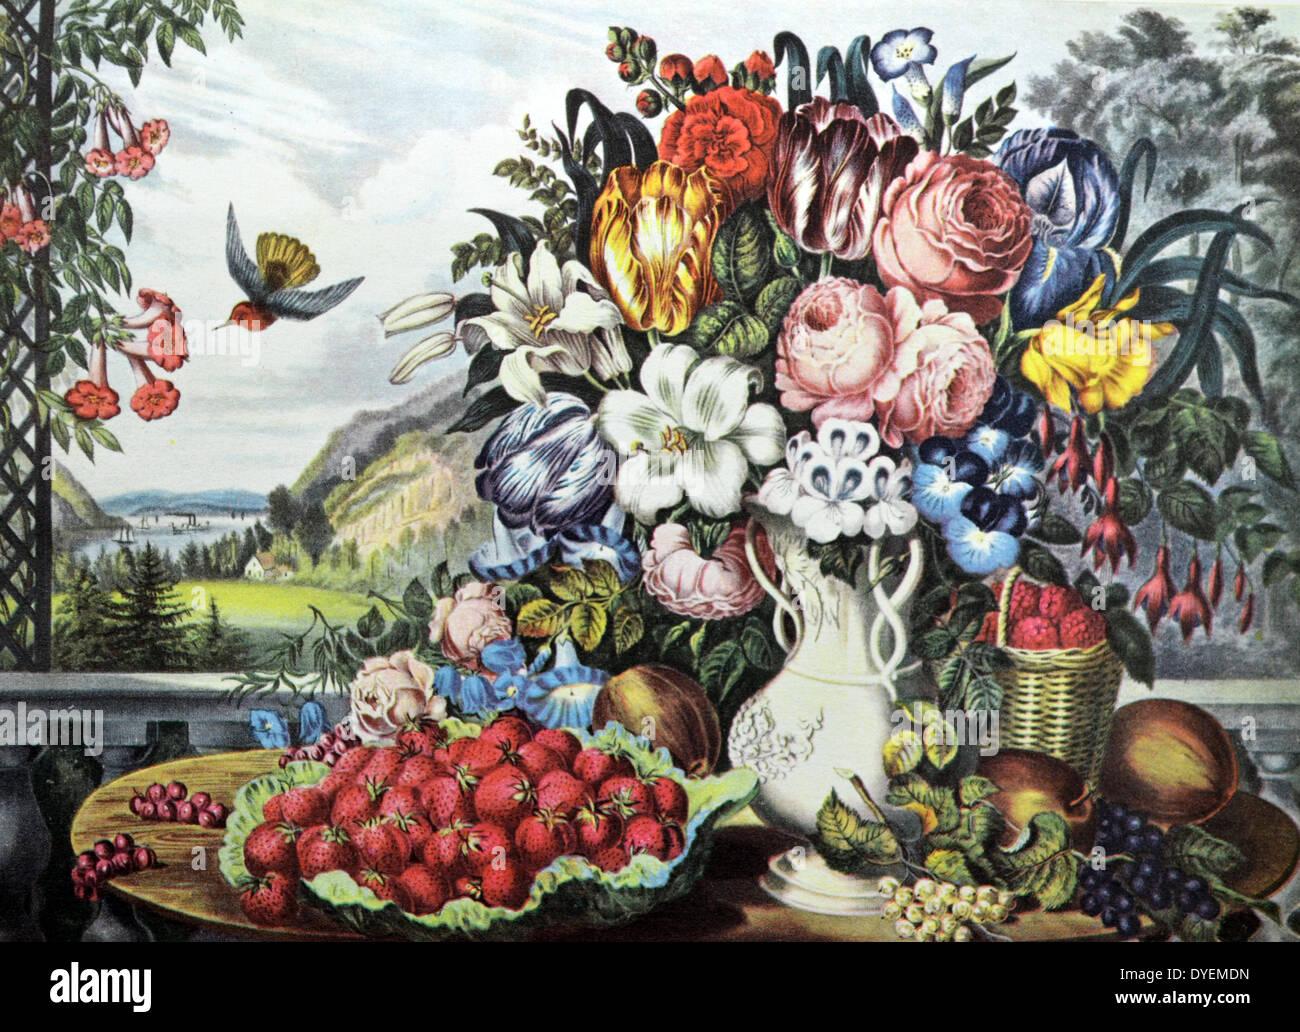 Currier & Ives Ilustración del siglo XIX. Paisaje, frutas y flores. Foto de stock